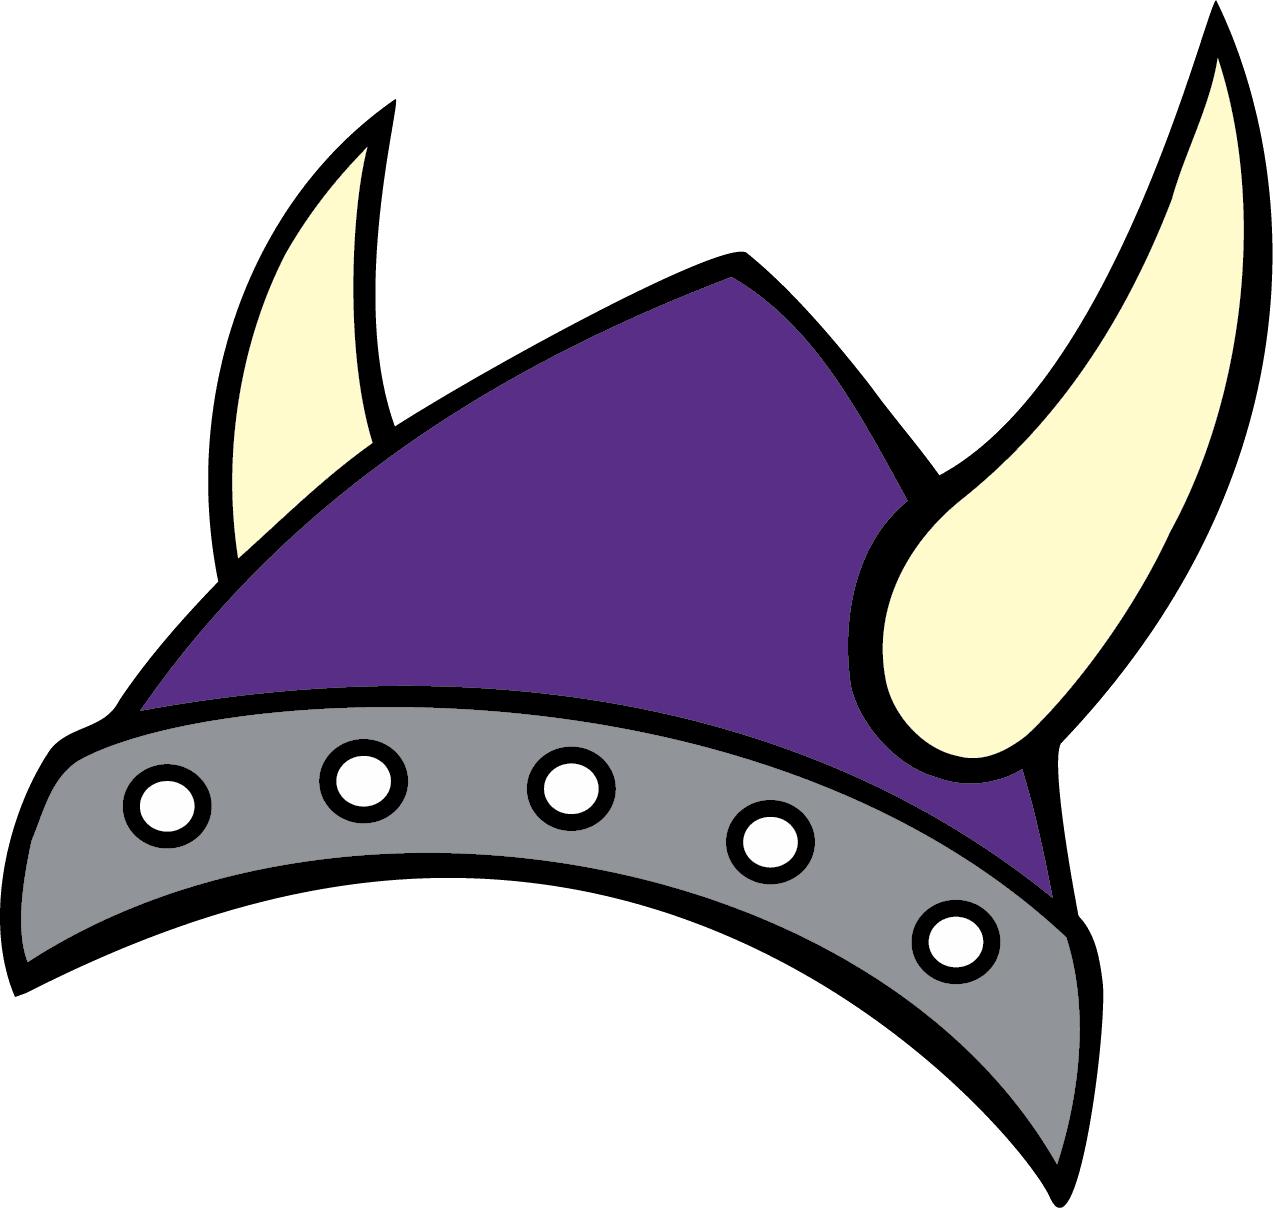 Wacky hat clipart